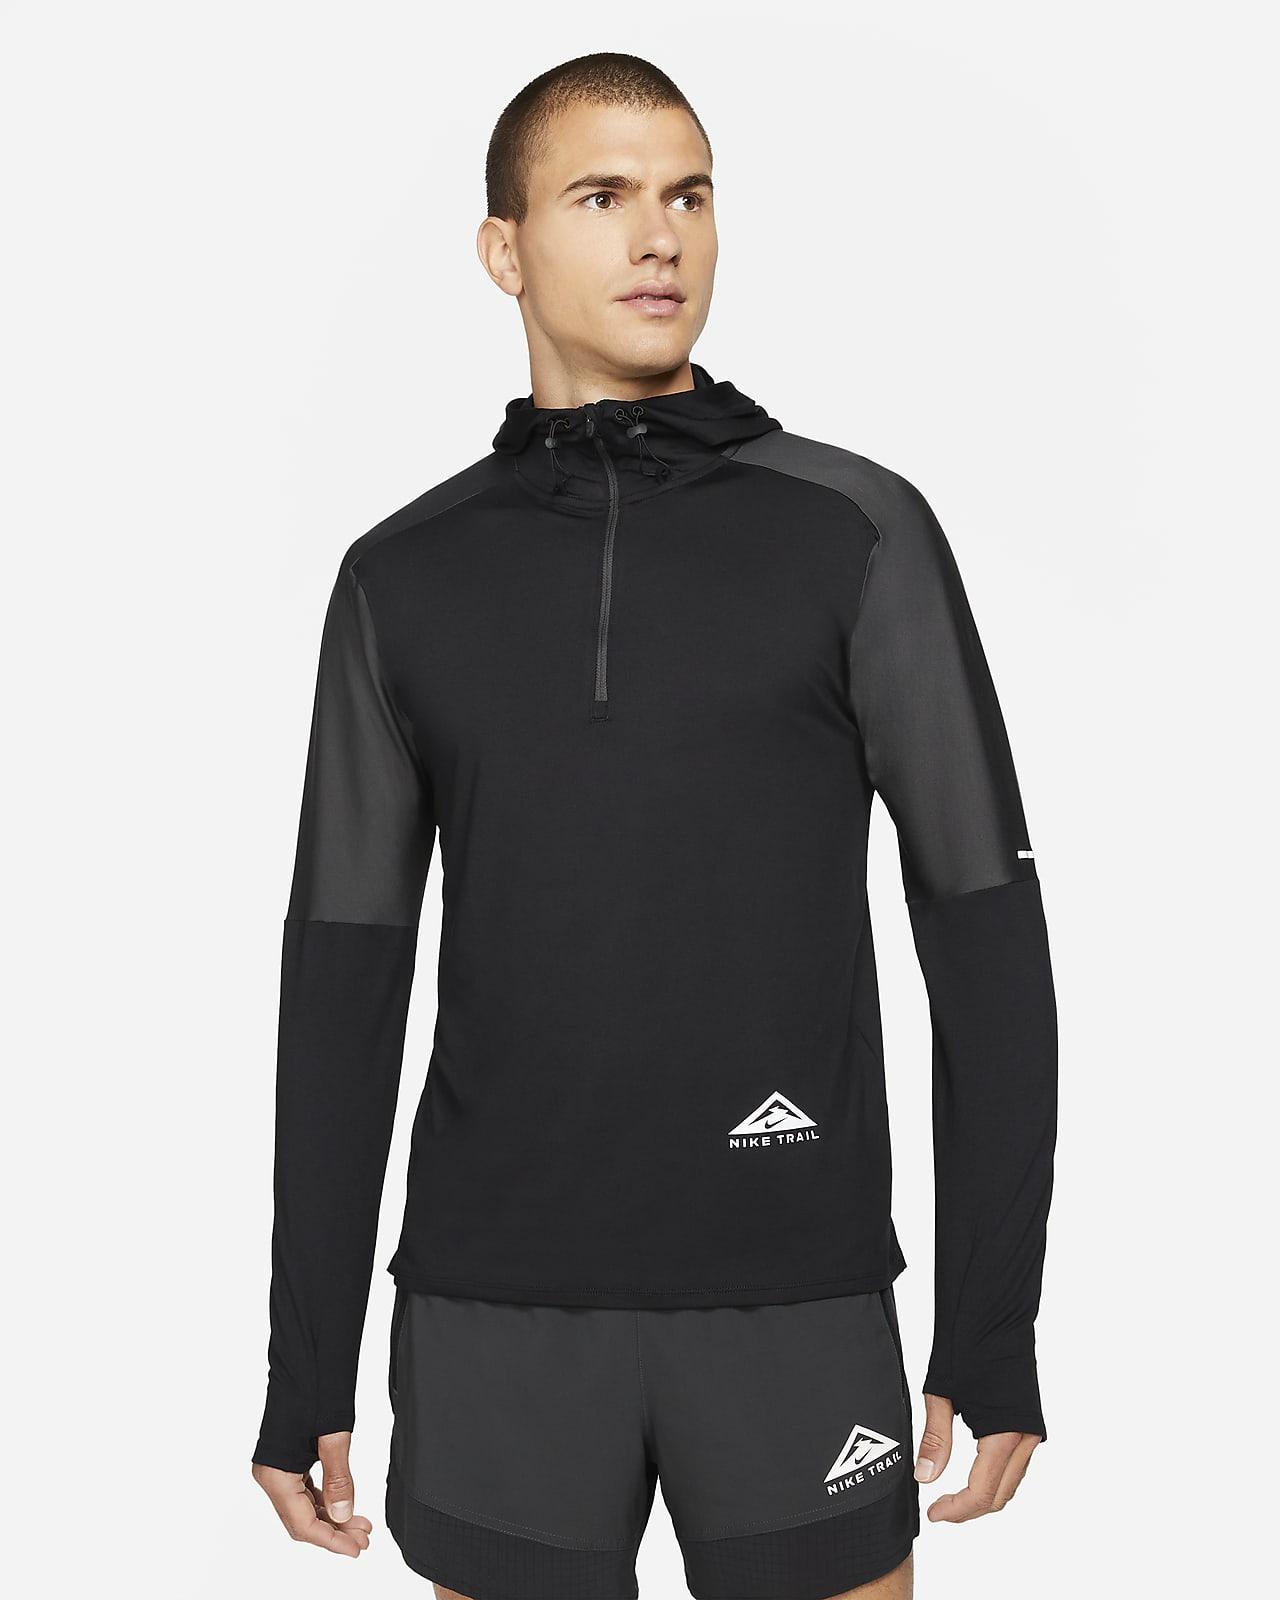 Nike Dri-FIT Trail Element-trailløbetop med 1/2 lynlås til mænd